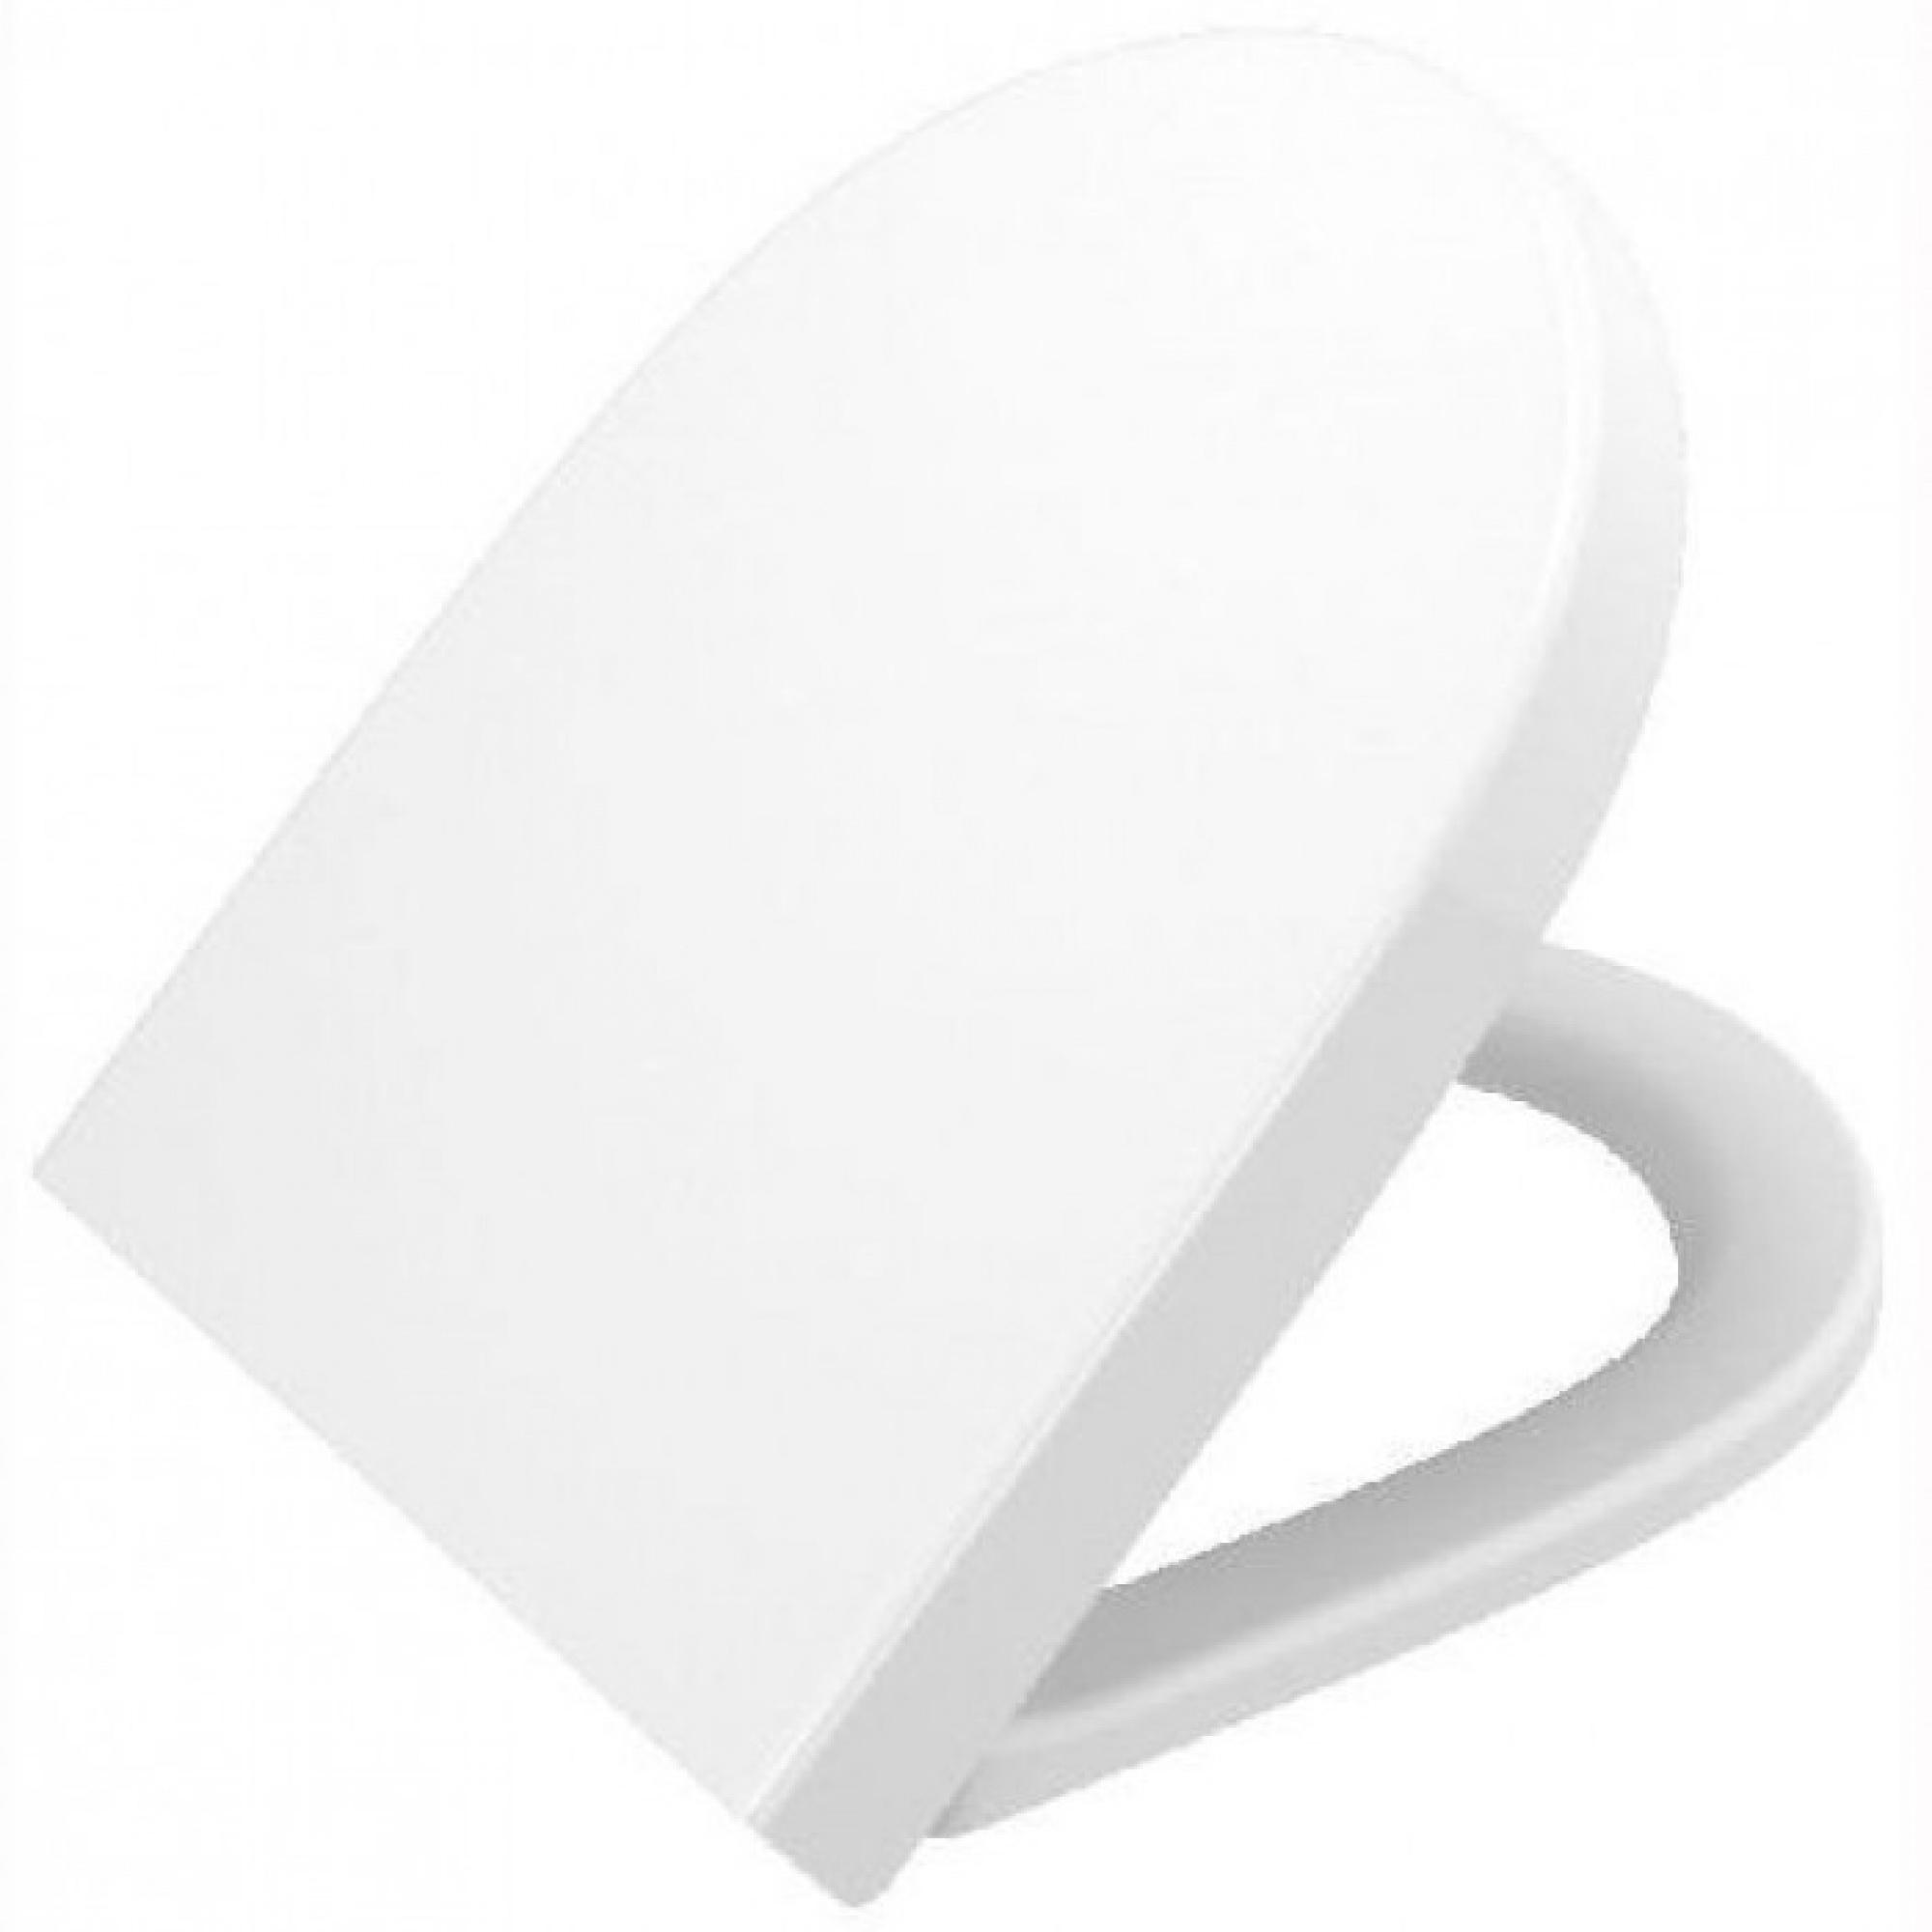 Сиденье Vitra 86-003-009 сиденье для унитаза vitra s20 77 003 001